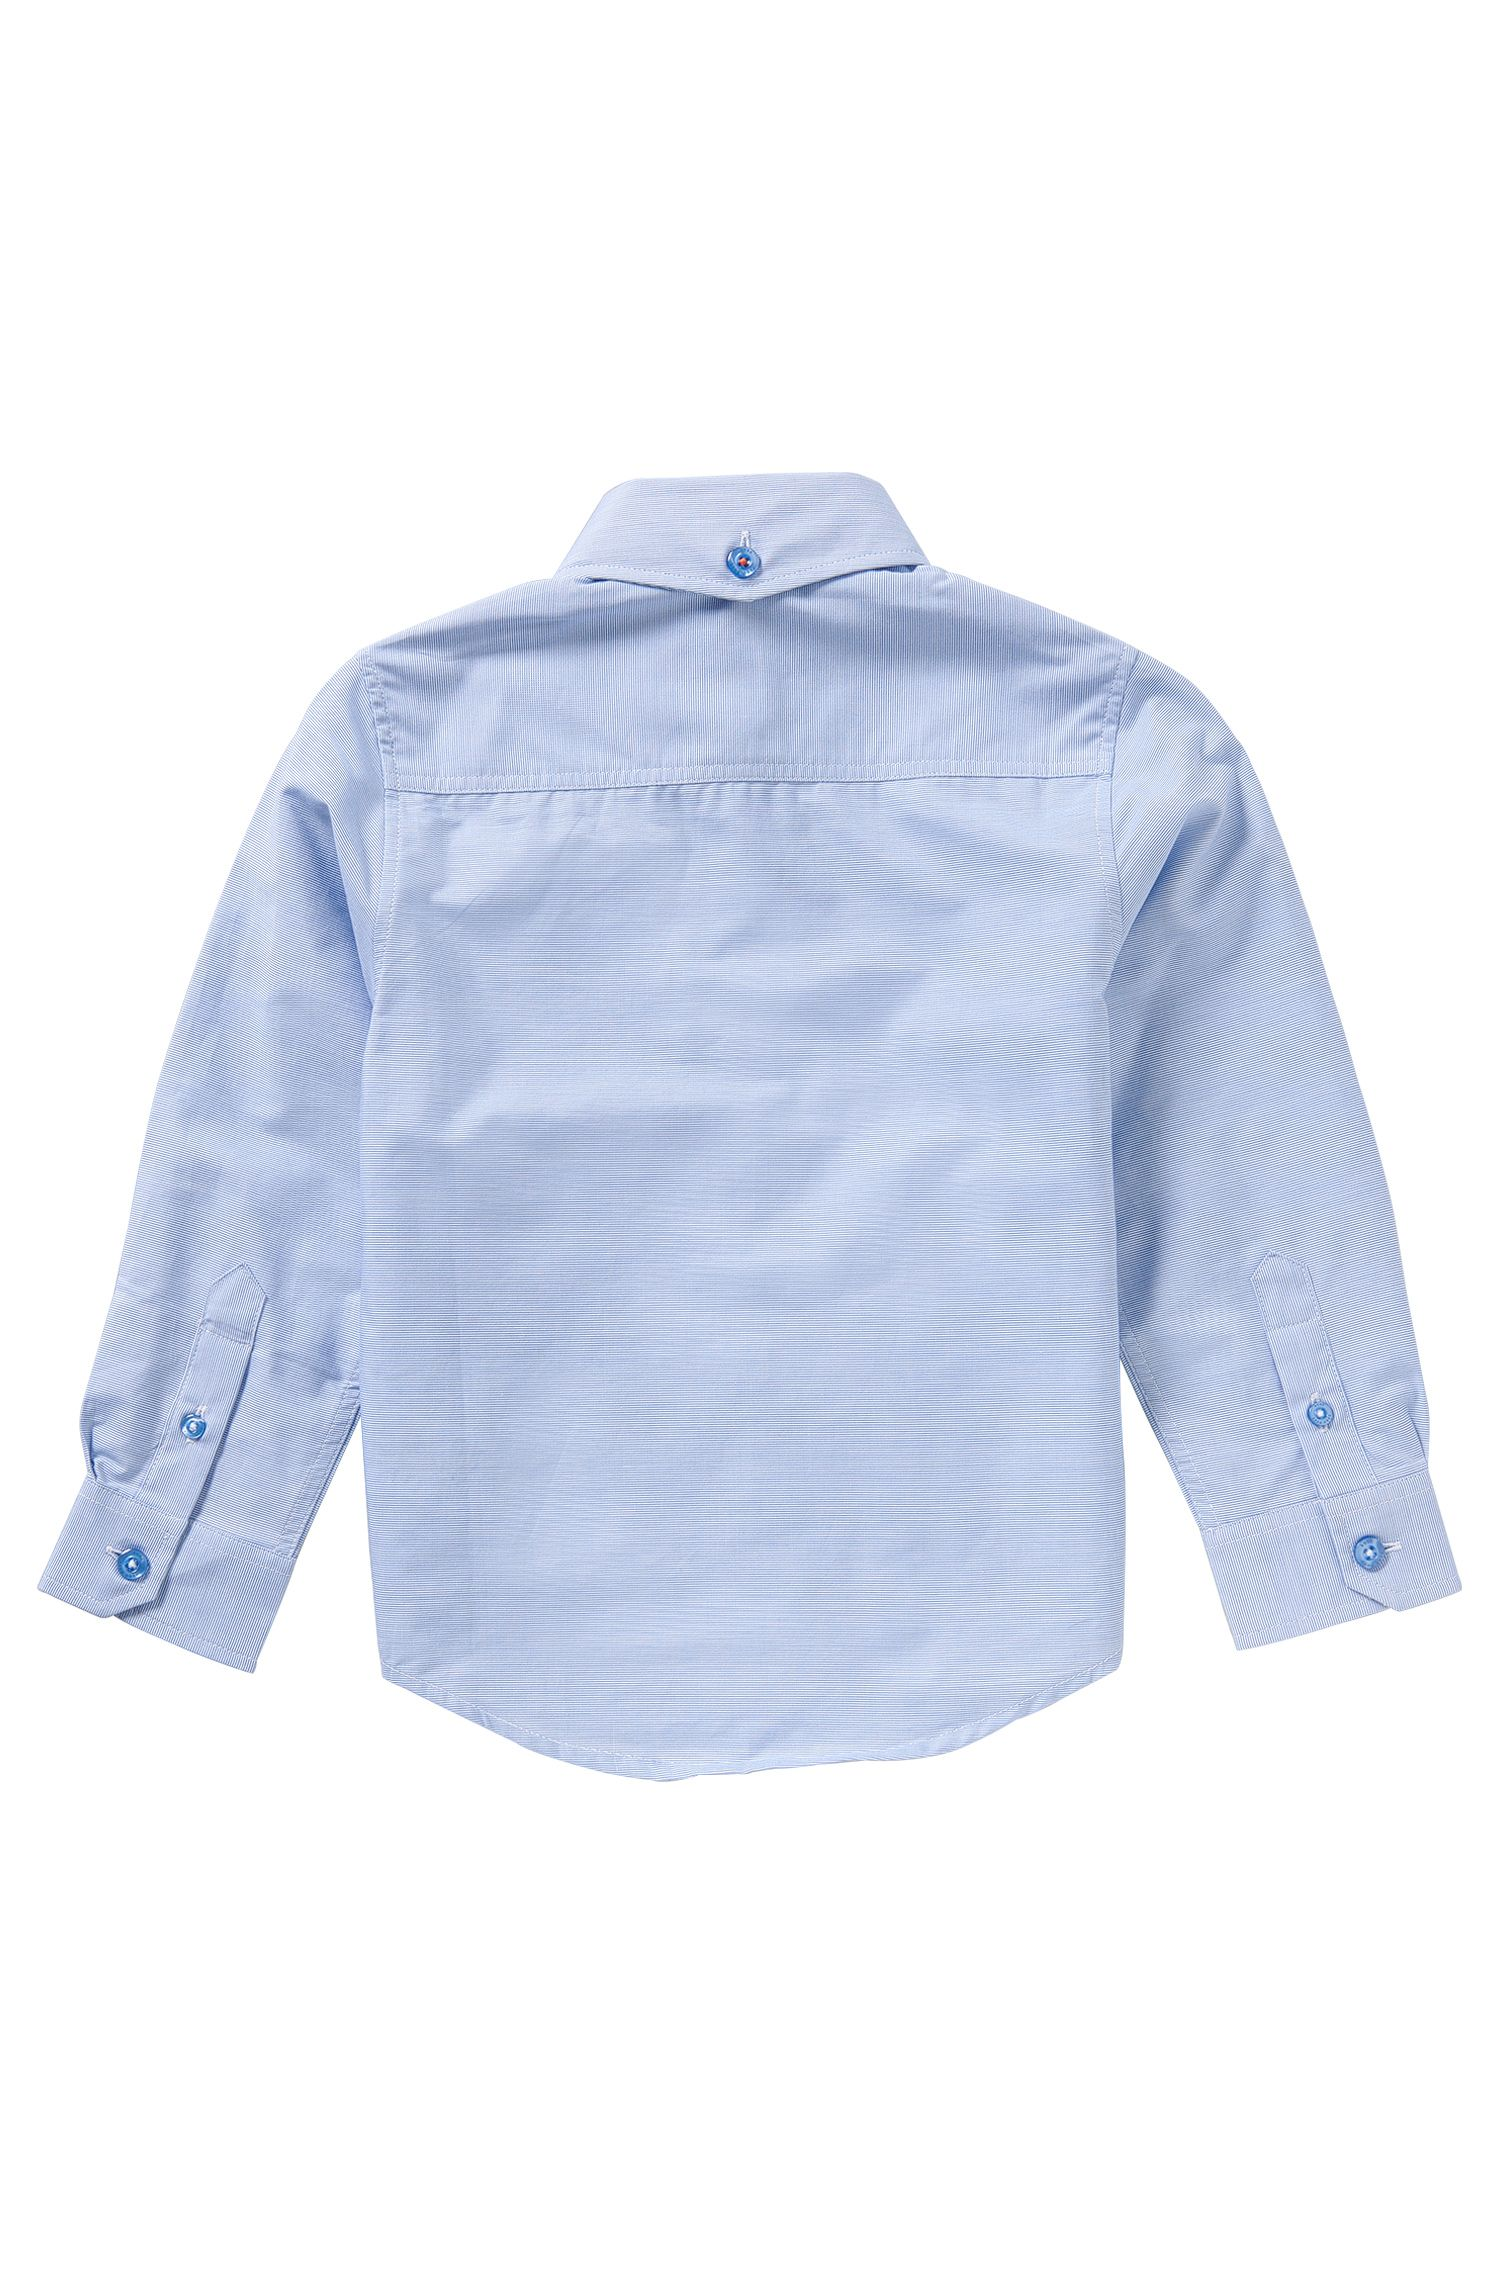 Gestreept kinderoverhemd van katoen met borstzak: 'J25950'